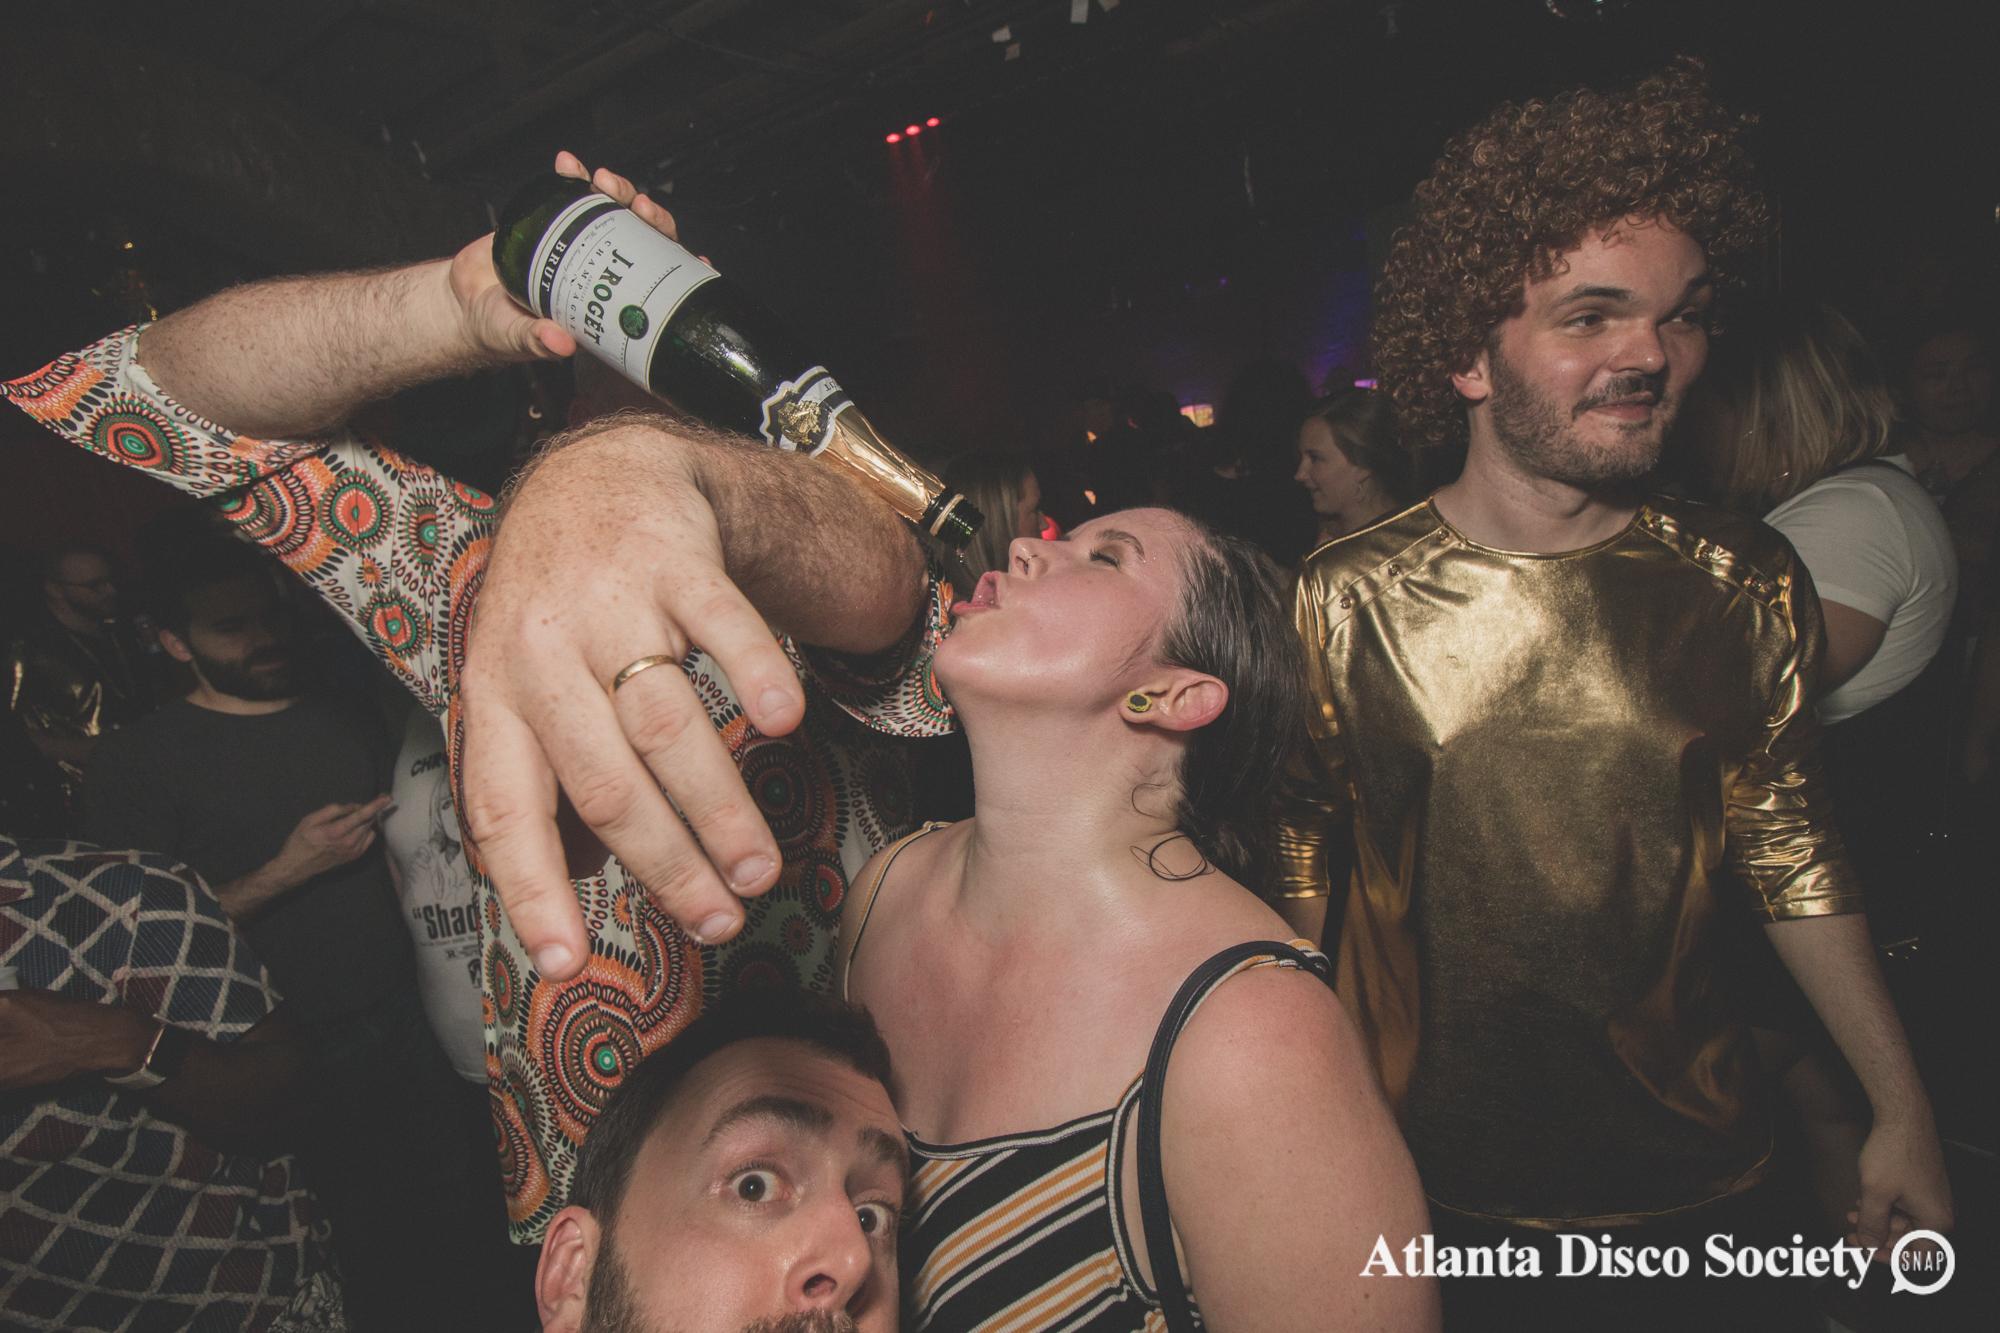 58Atlanta Disco Society Grace Kelly Oh Snap Kid 7.27.19.jpg